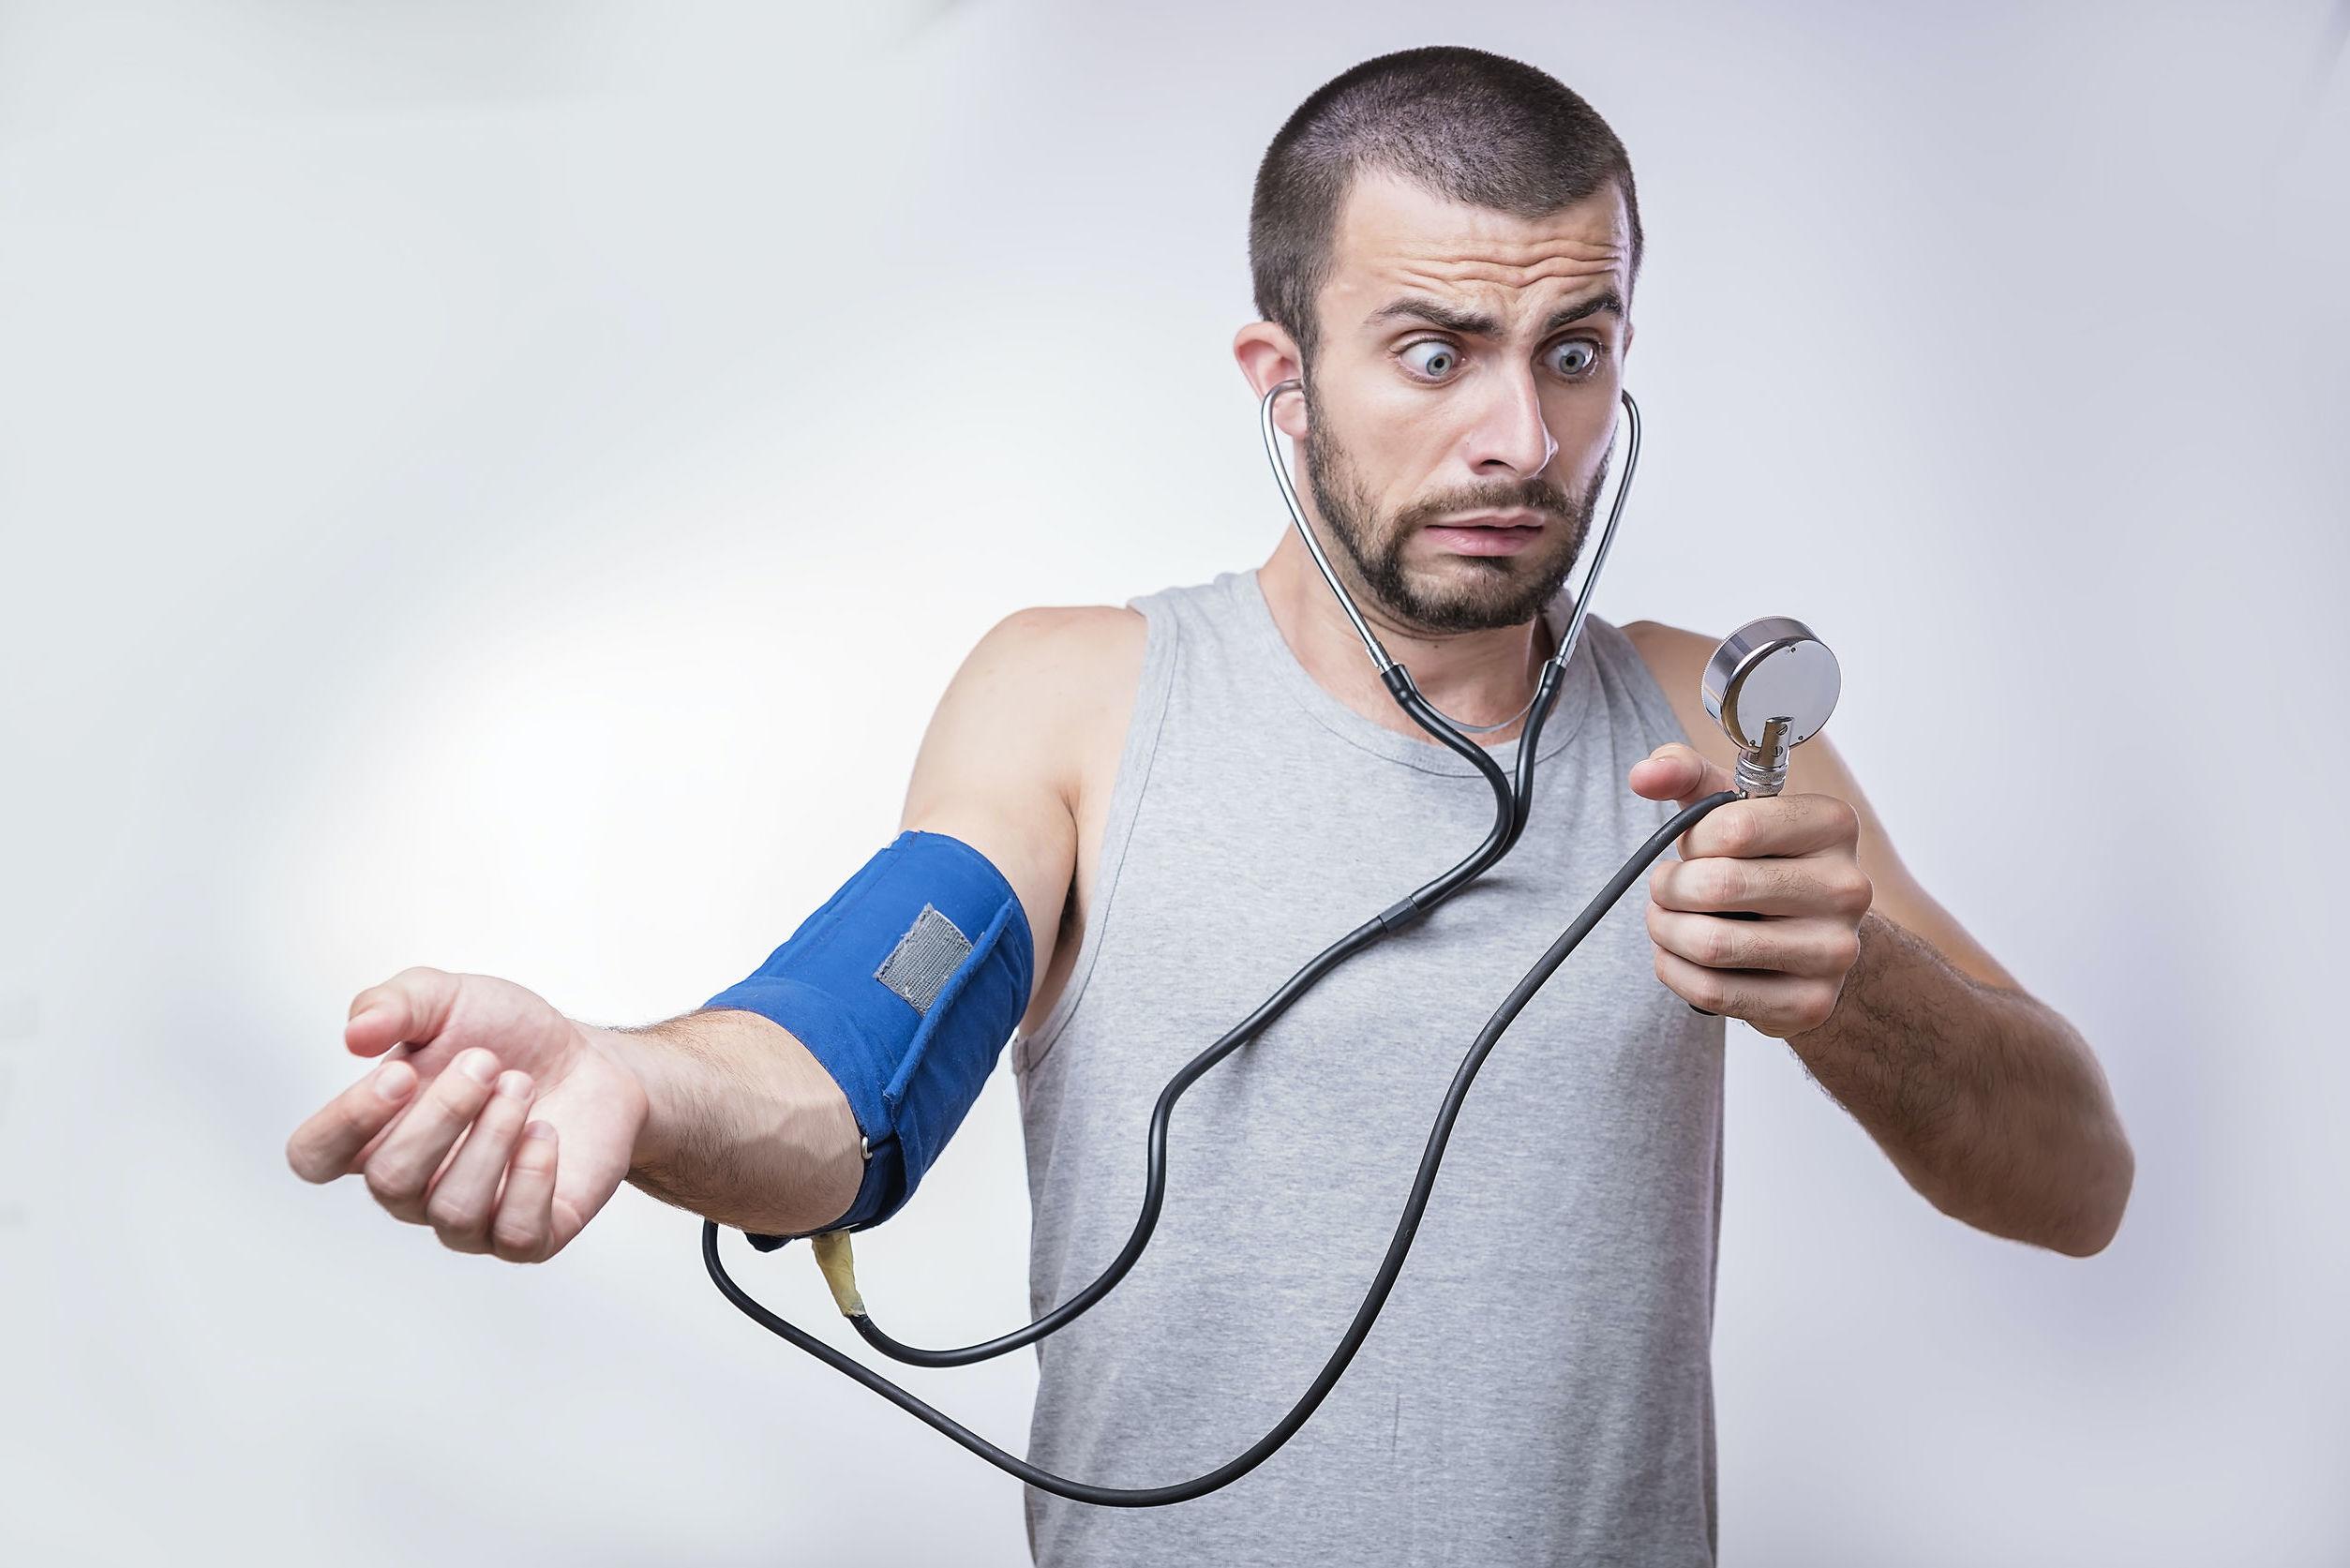 hogyan lehet kilábalni a magas vérnyomásból 3 hét alatt alacsony vérnyomás és magas pulzus magas vérnyomásban